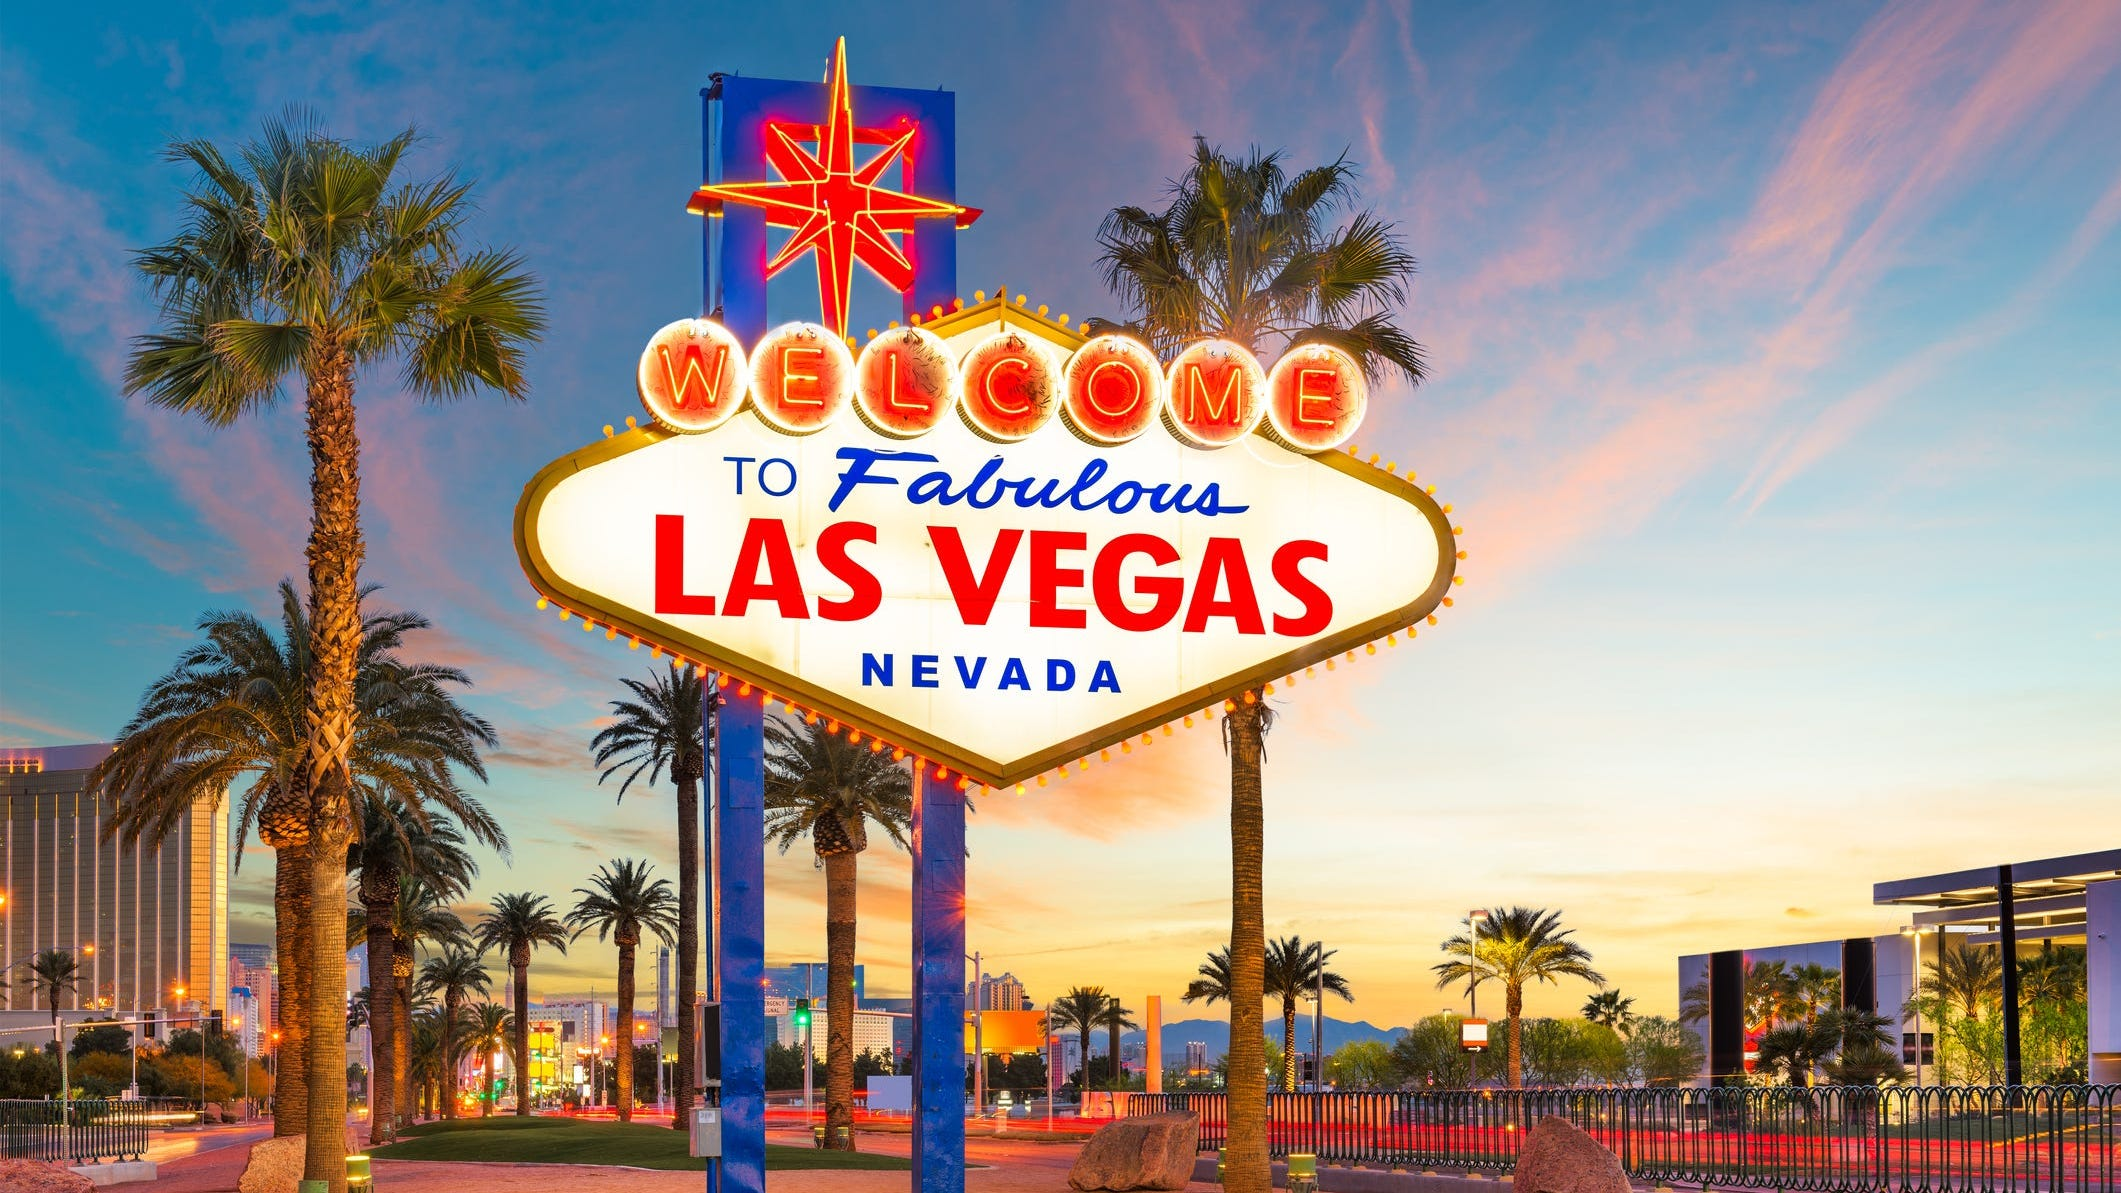 GГјnstig Nach Las Vegas